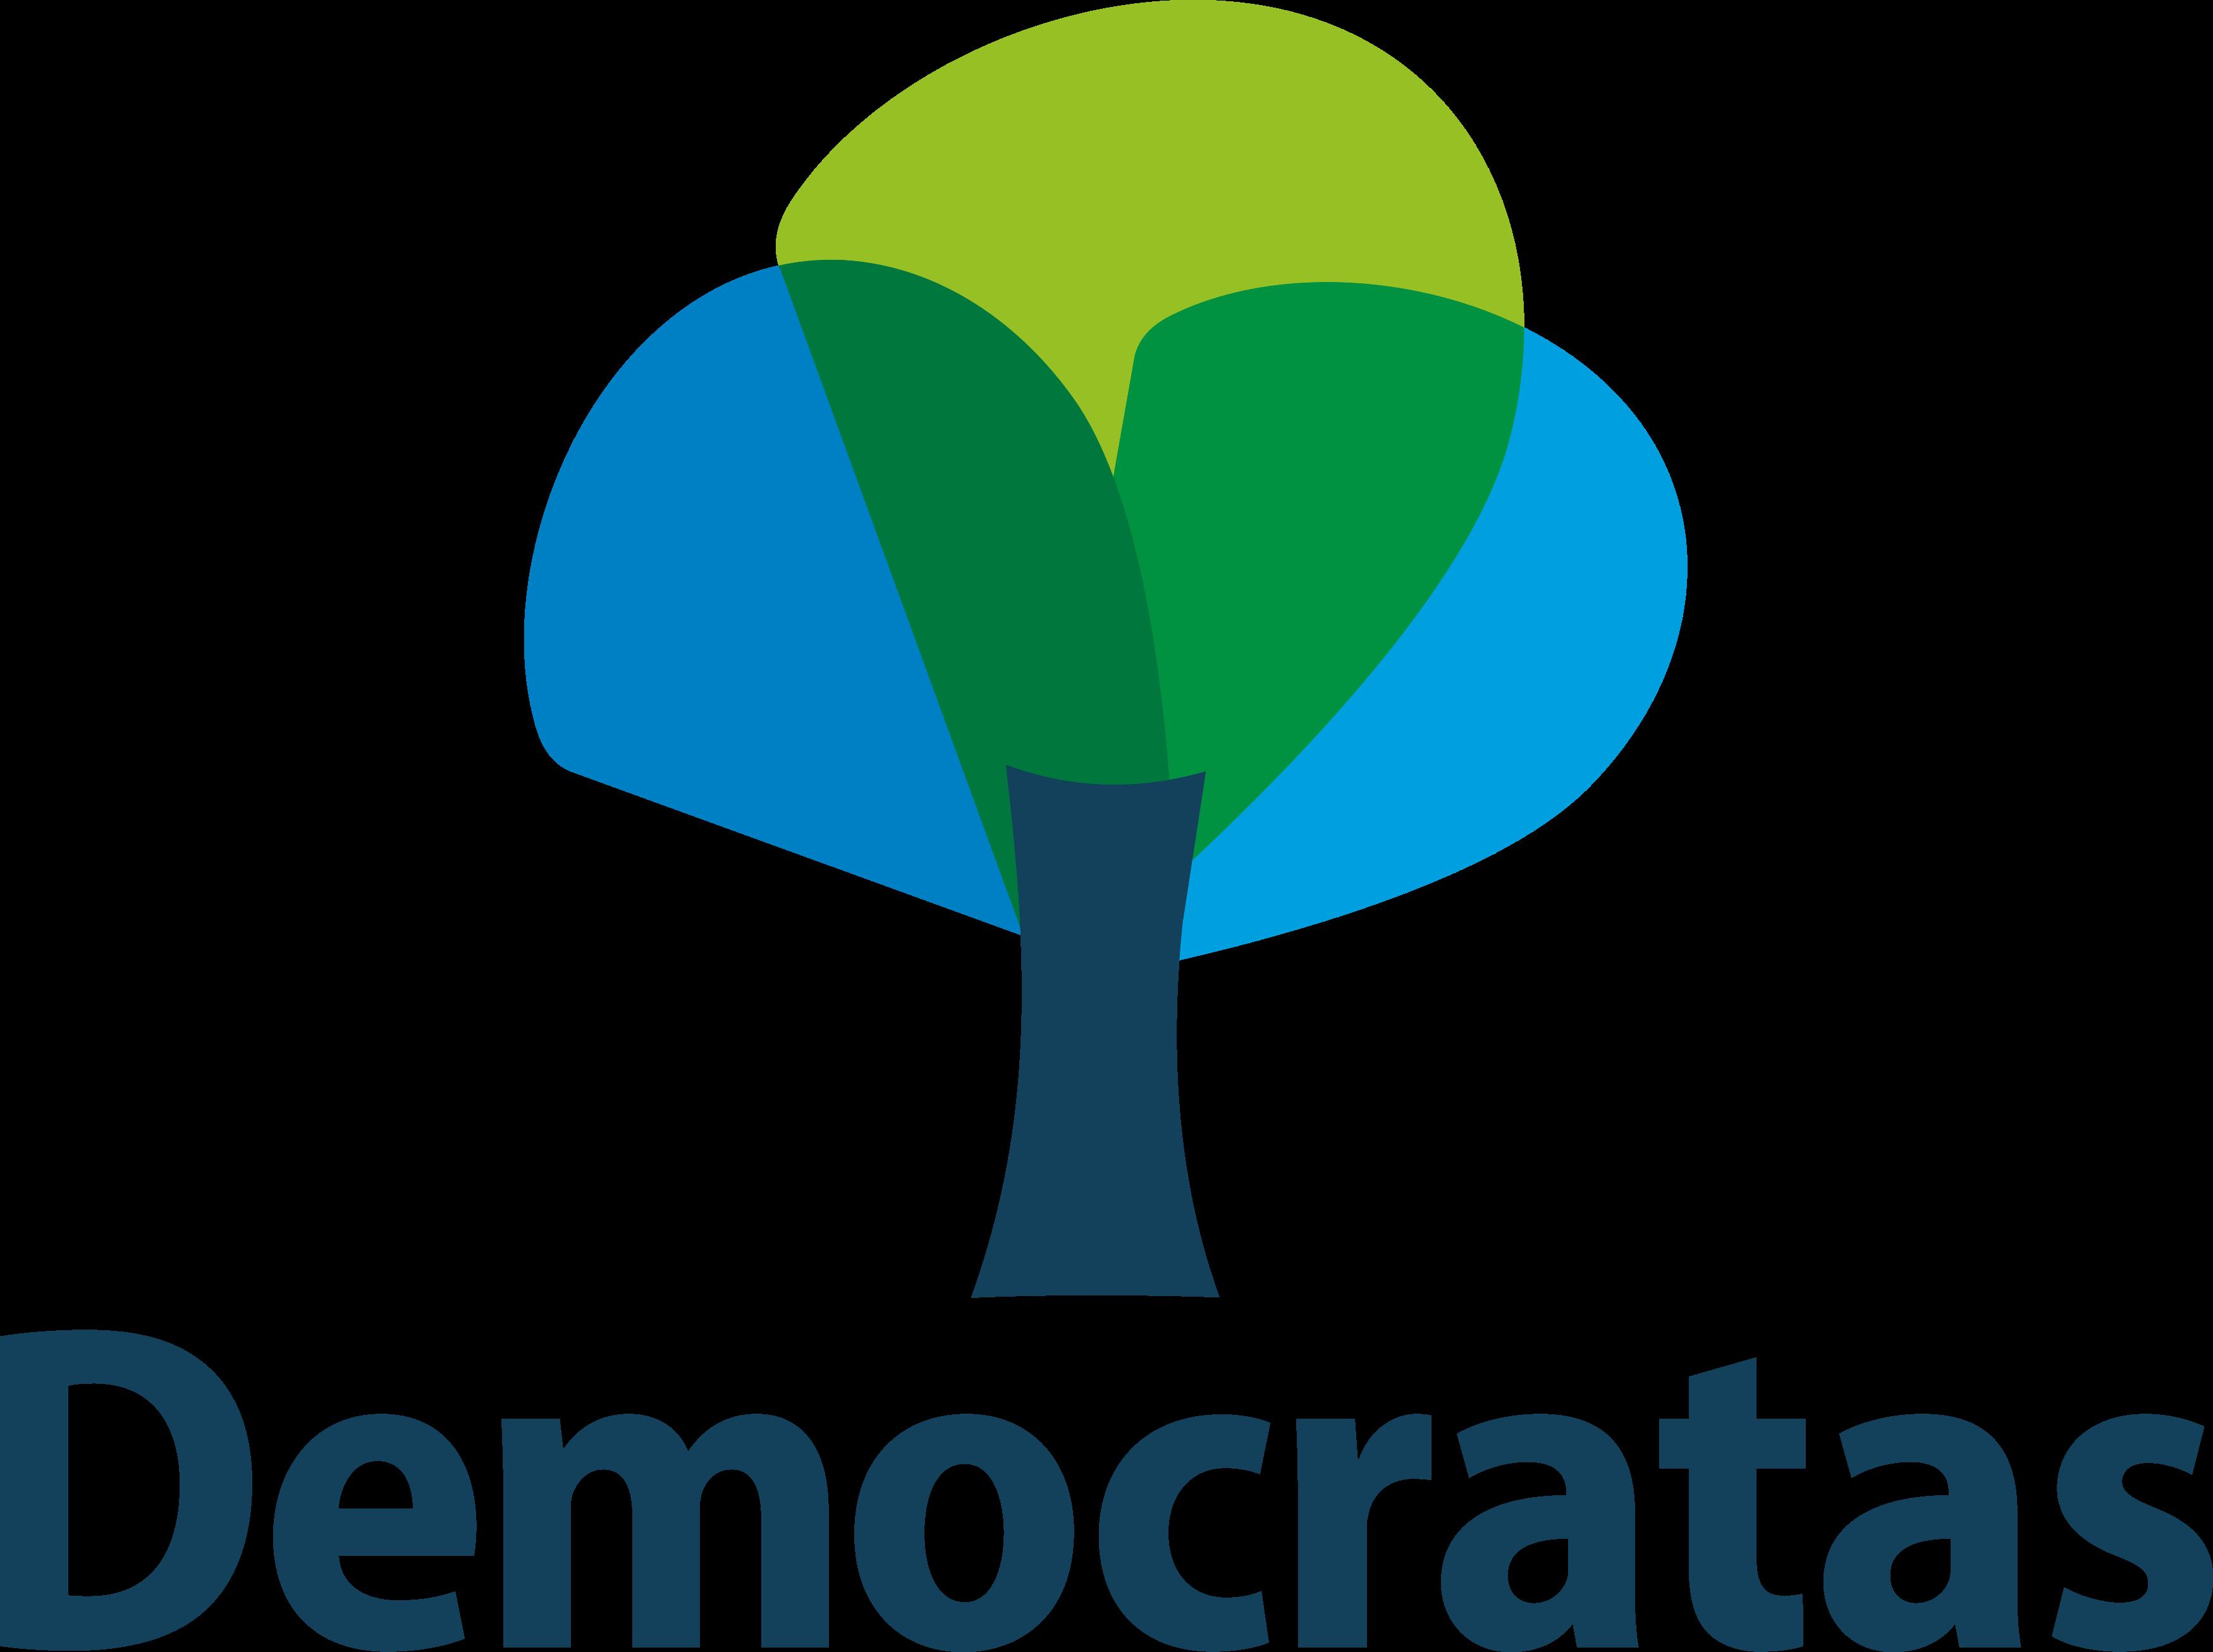 partido democratas dem logo - DEM Logo - Partido Democratas Logo